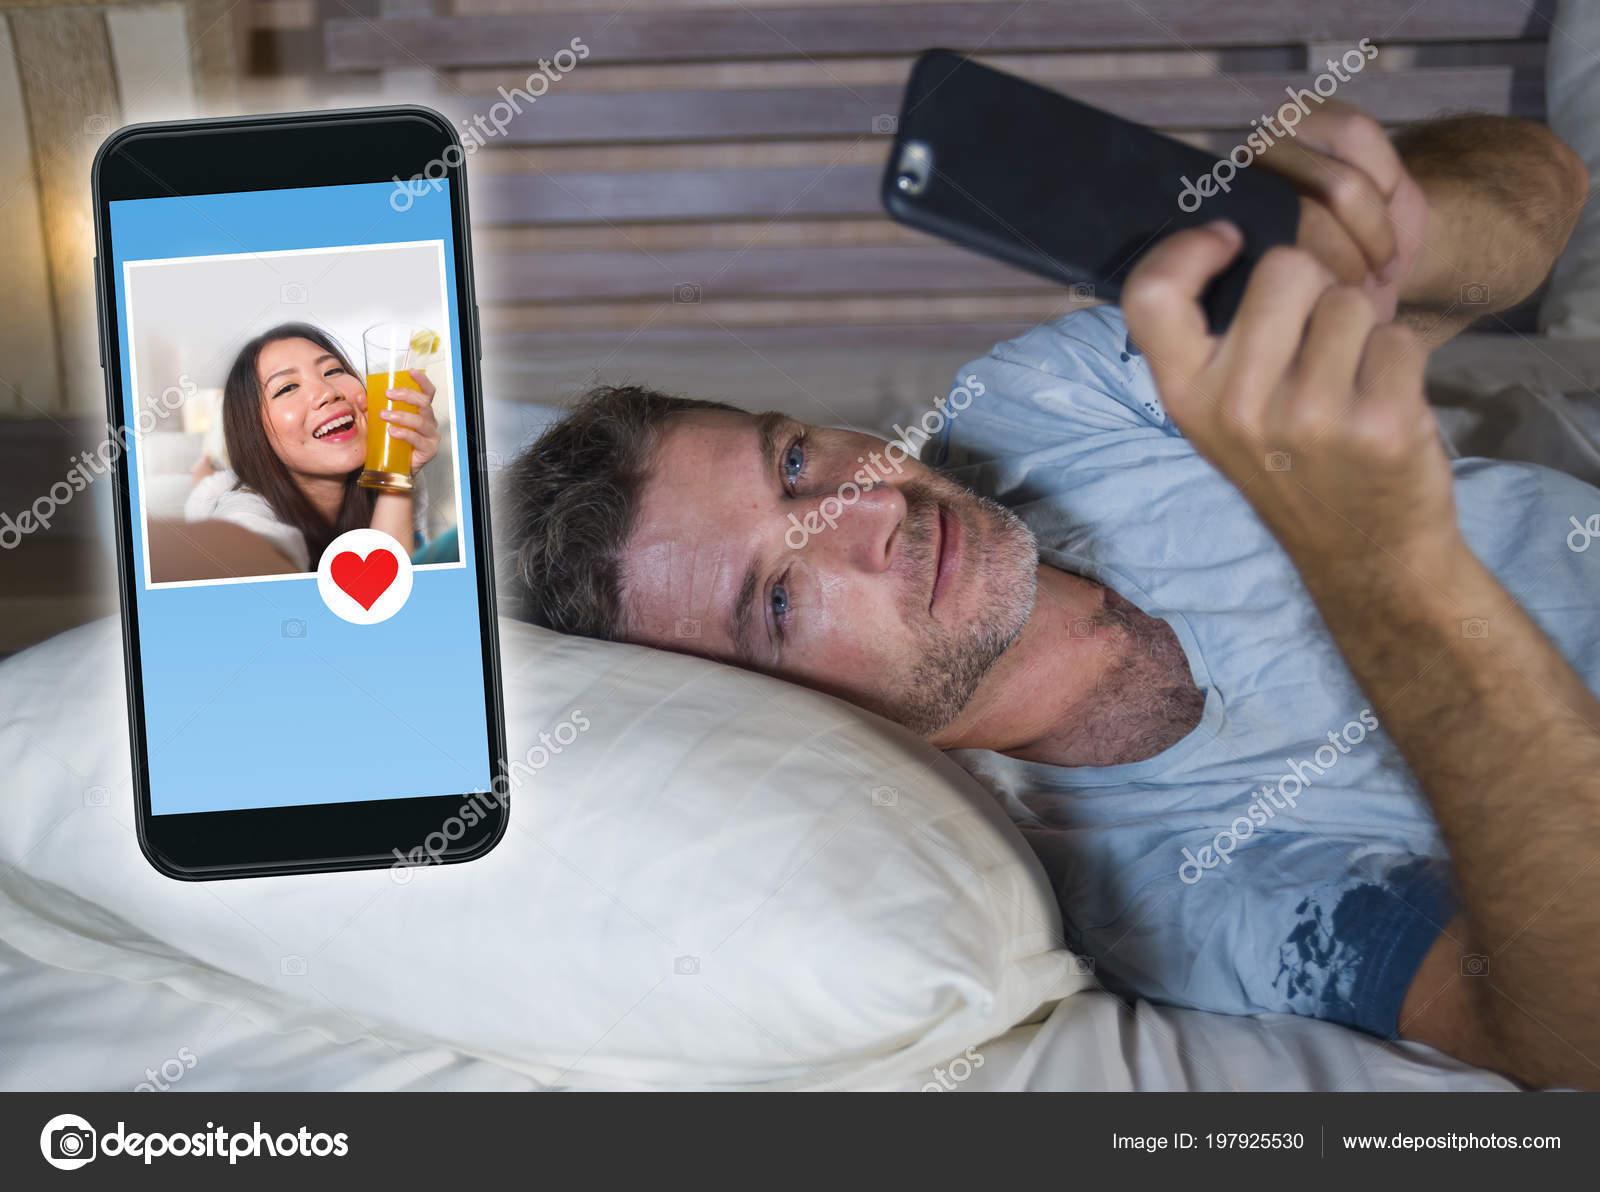 знакомства мобильные версии для секса